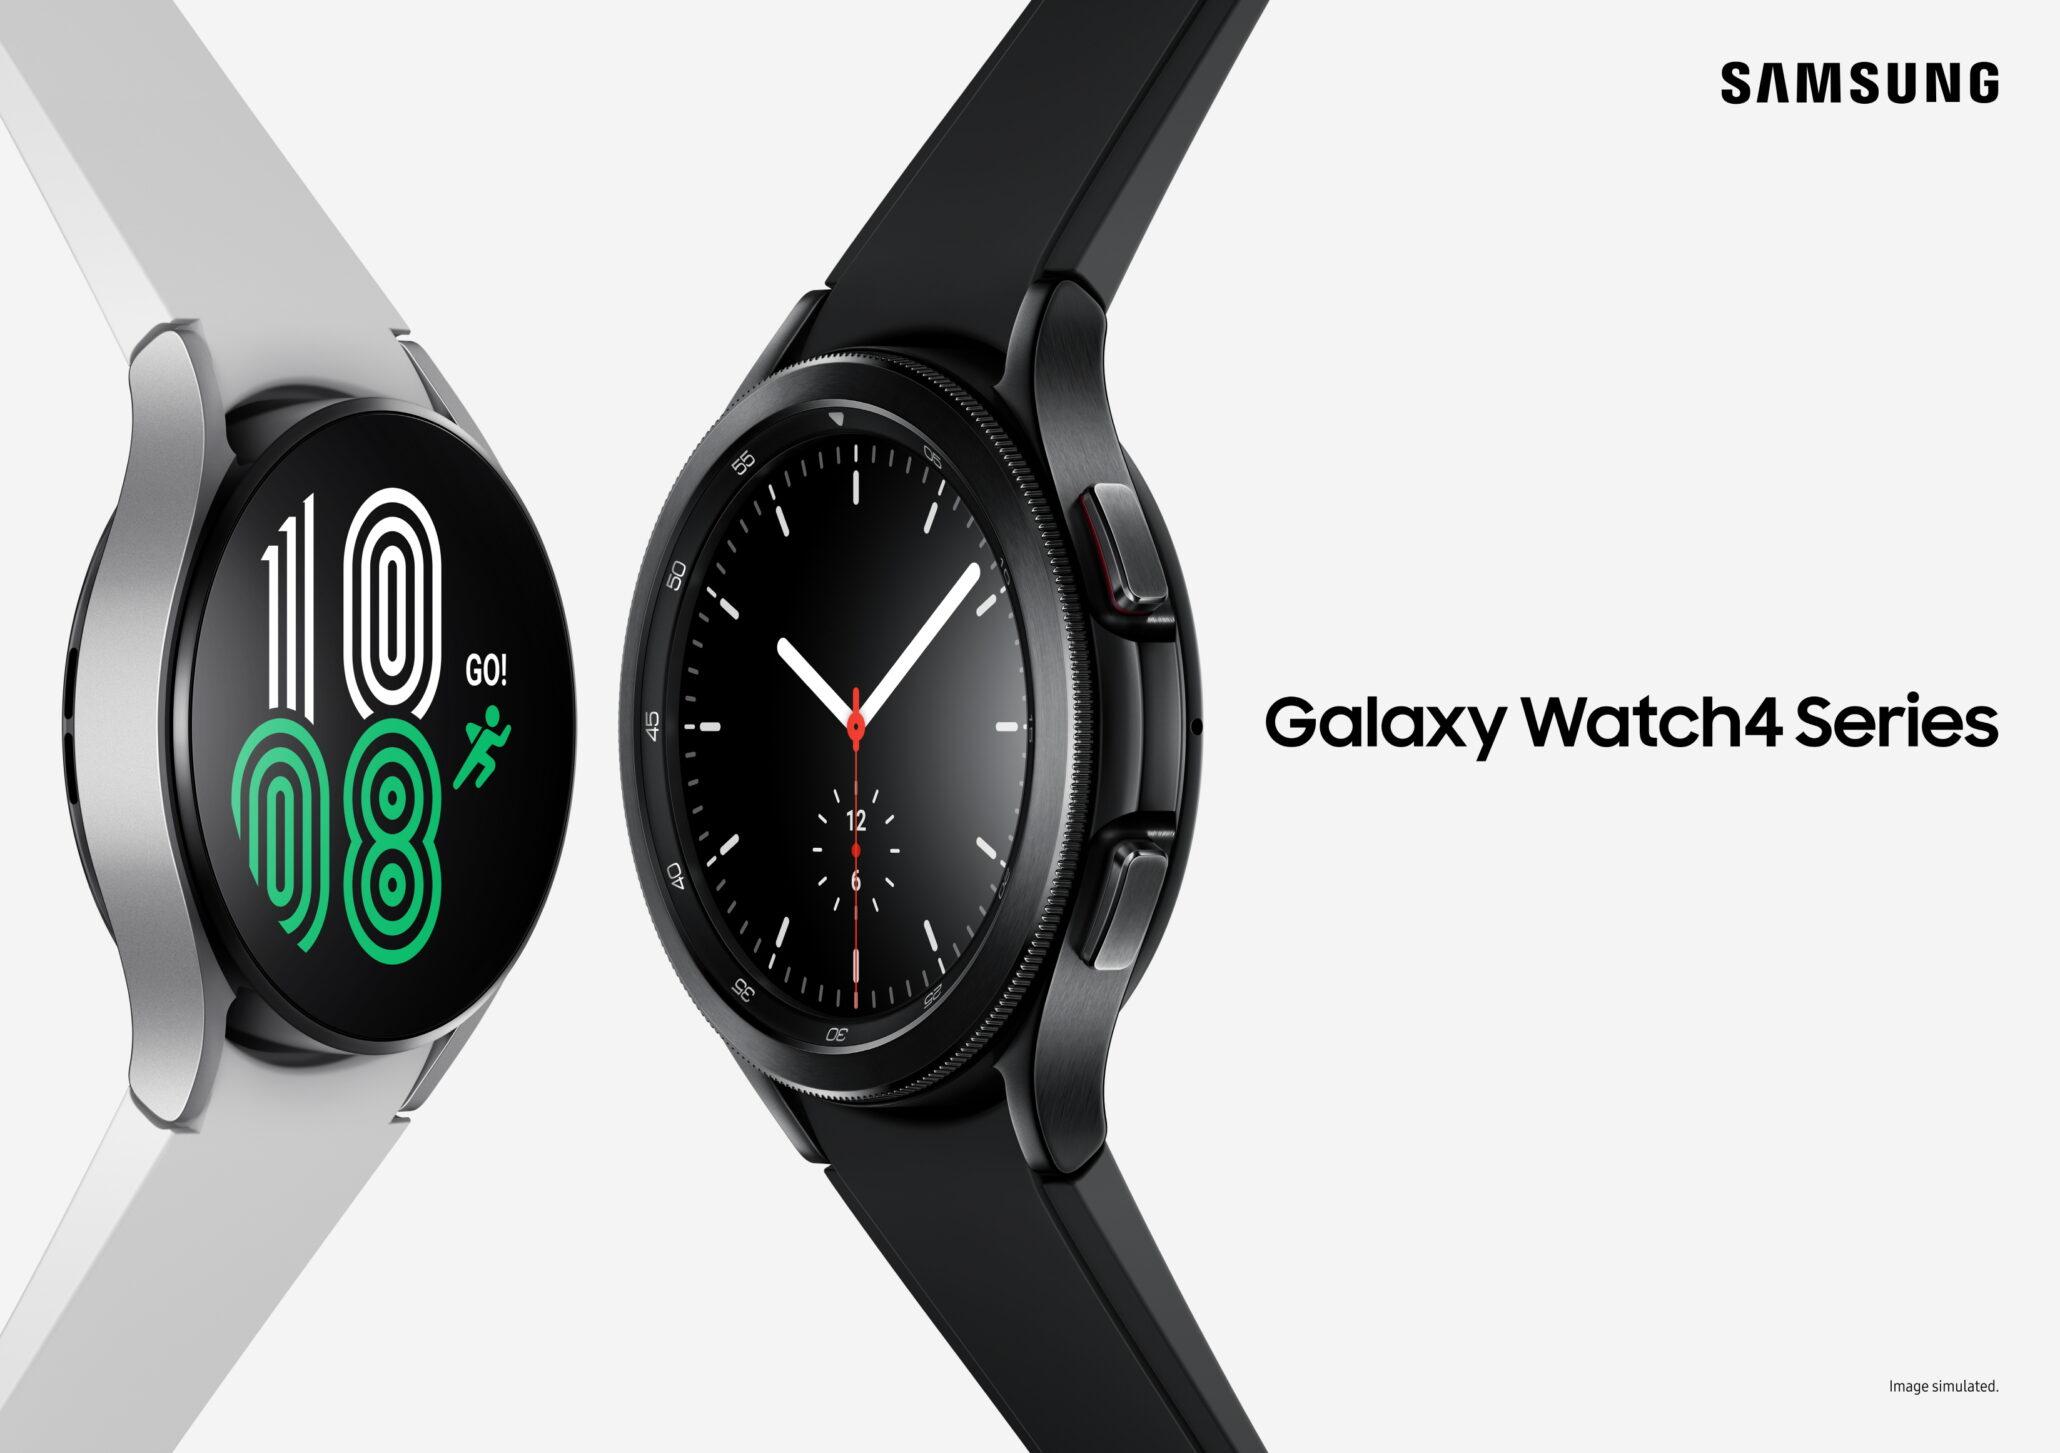 La nueva aplicación de mensajería de Google ya está disponible en Galaxy Watch 4